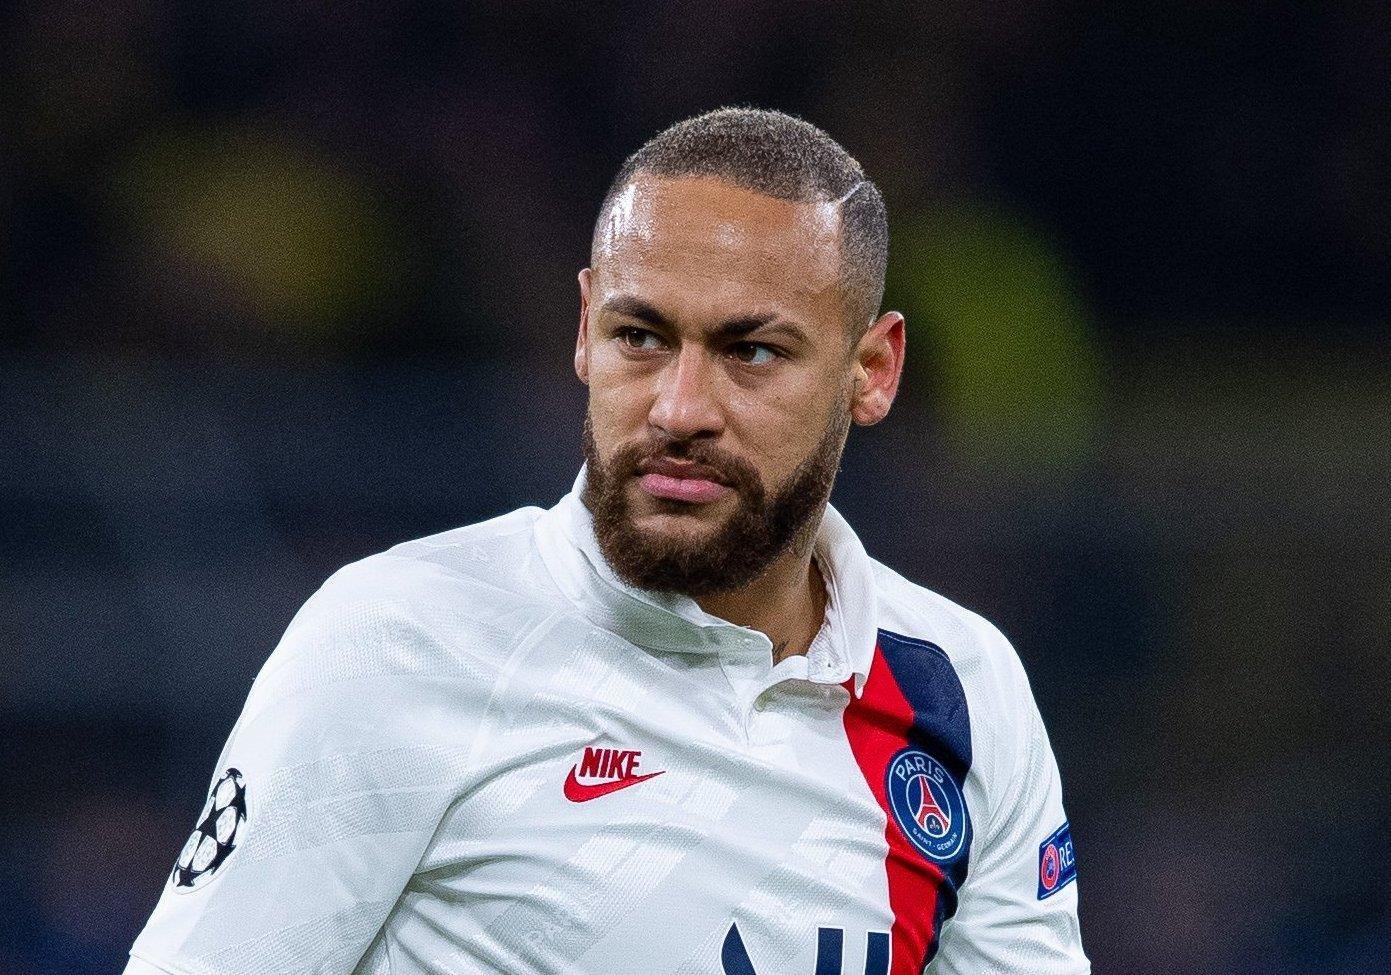 Neymar Pierde El Juicio Y Pagara Al Barcelona 6 7 Millones